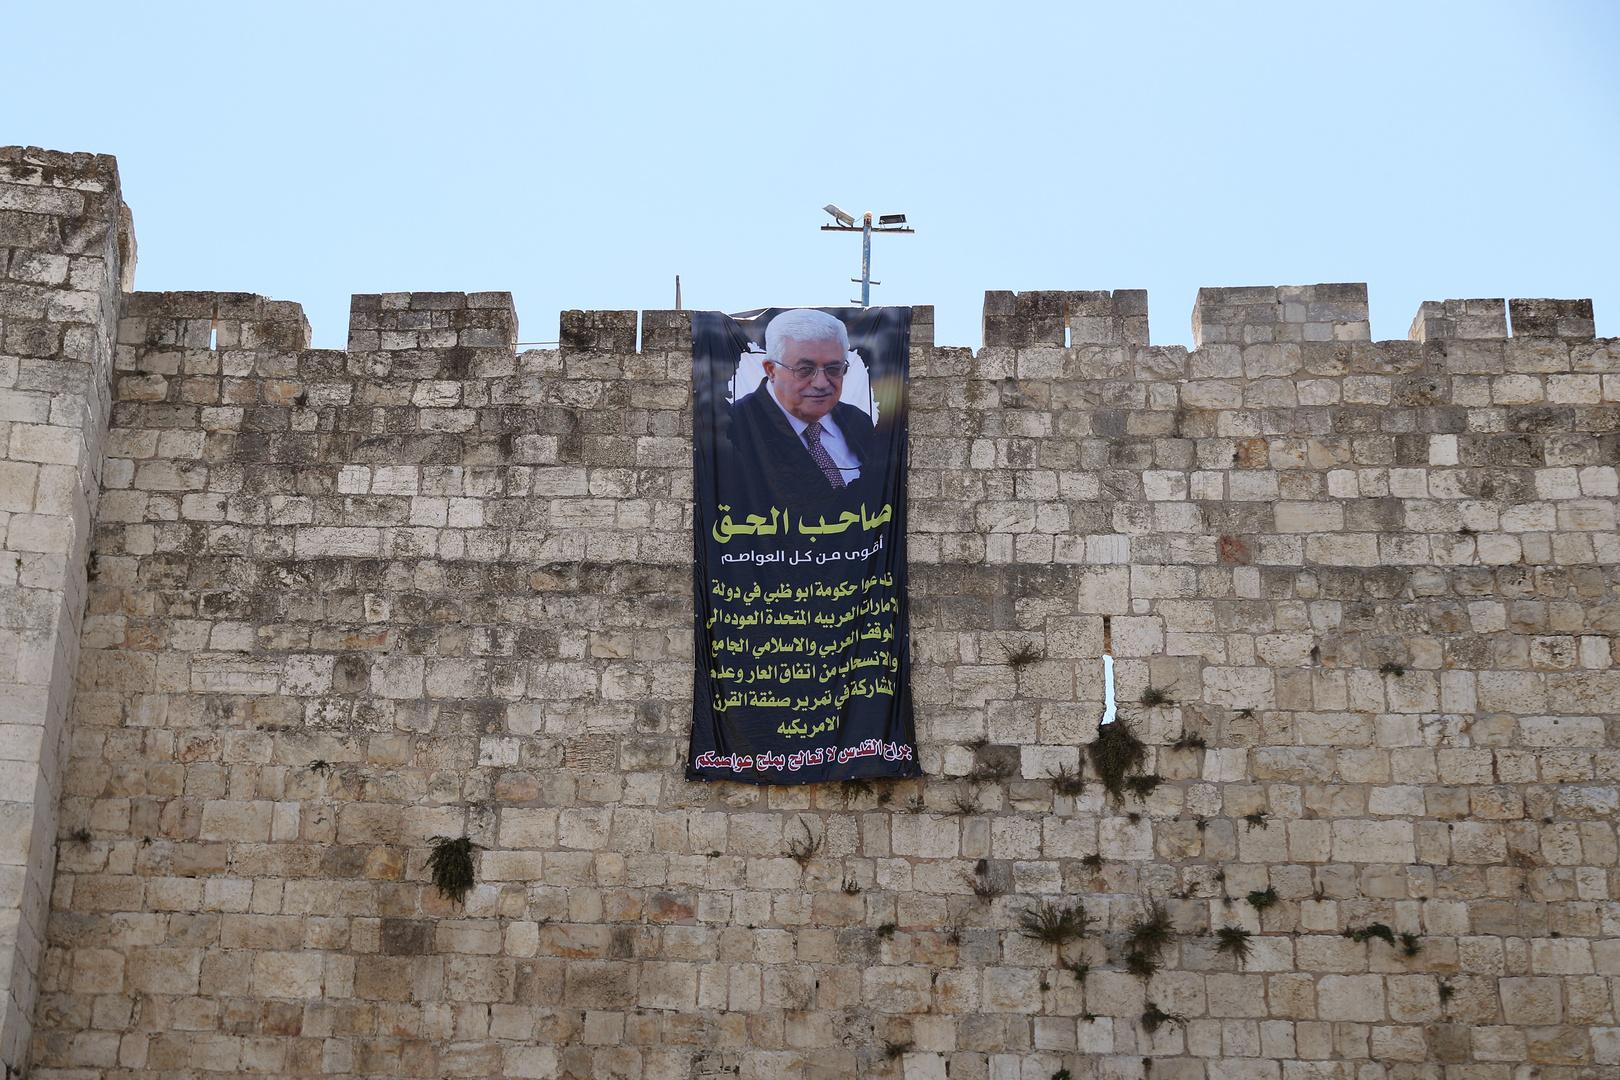 التطبيع مع إسرائيل.. حرب رسائل بين الفلسطينيين والإسرائيليين على أسوار القدس